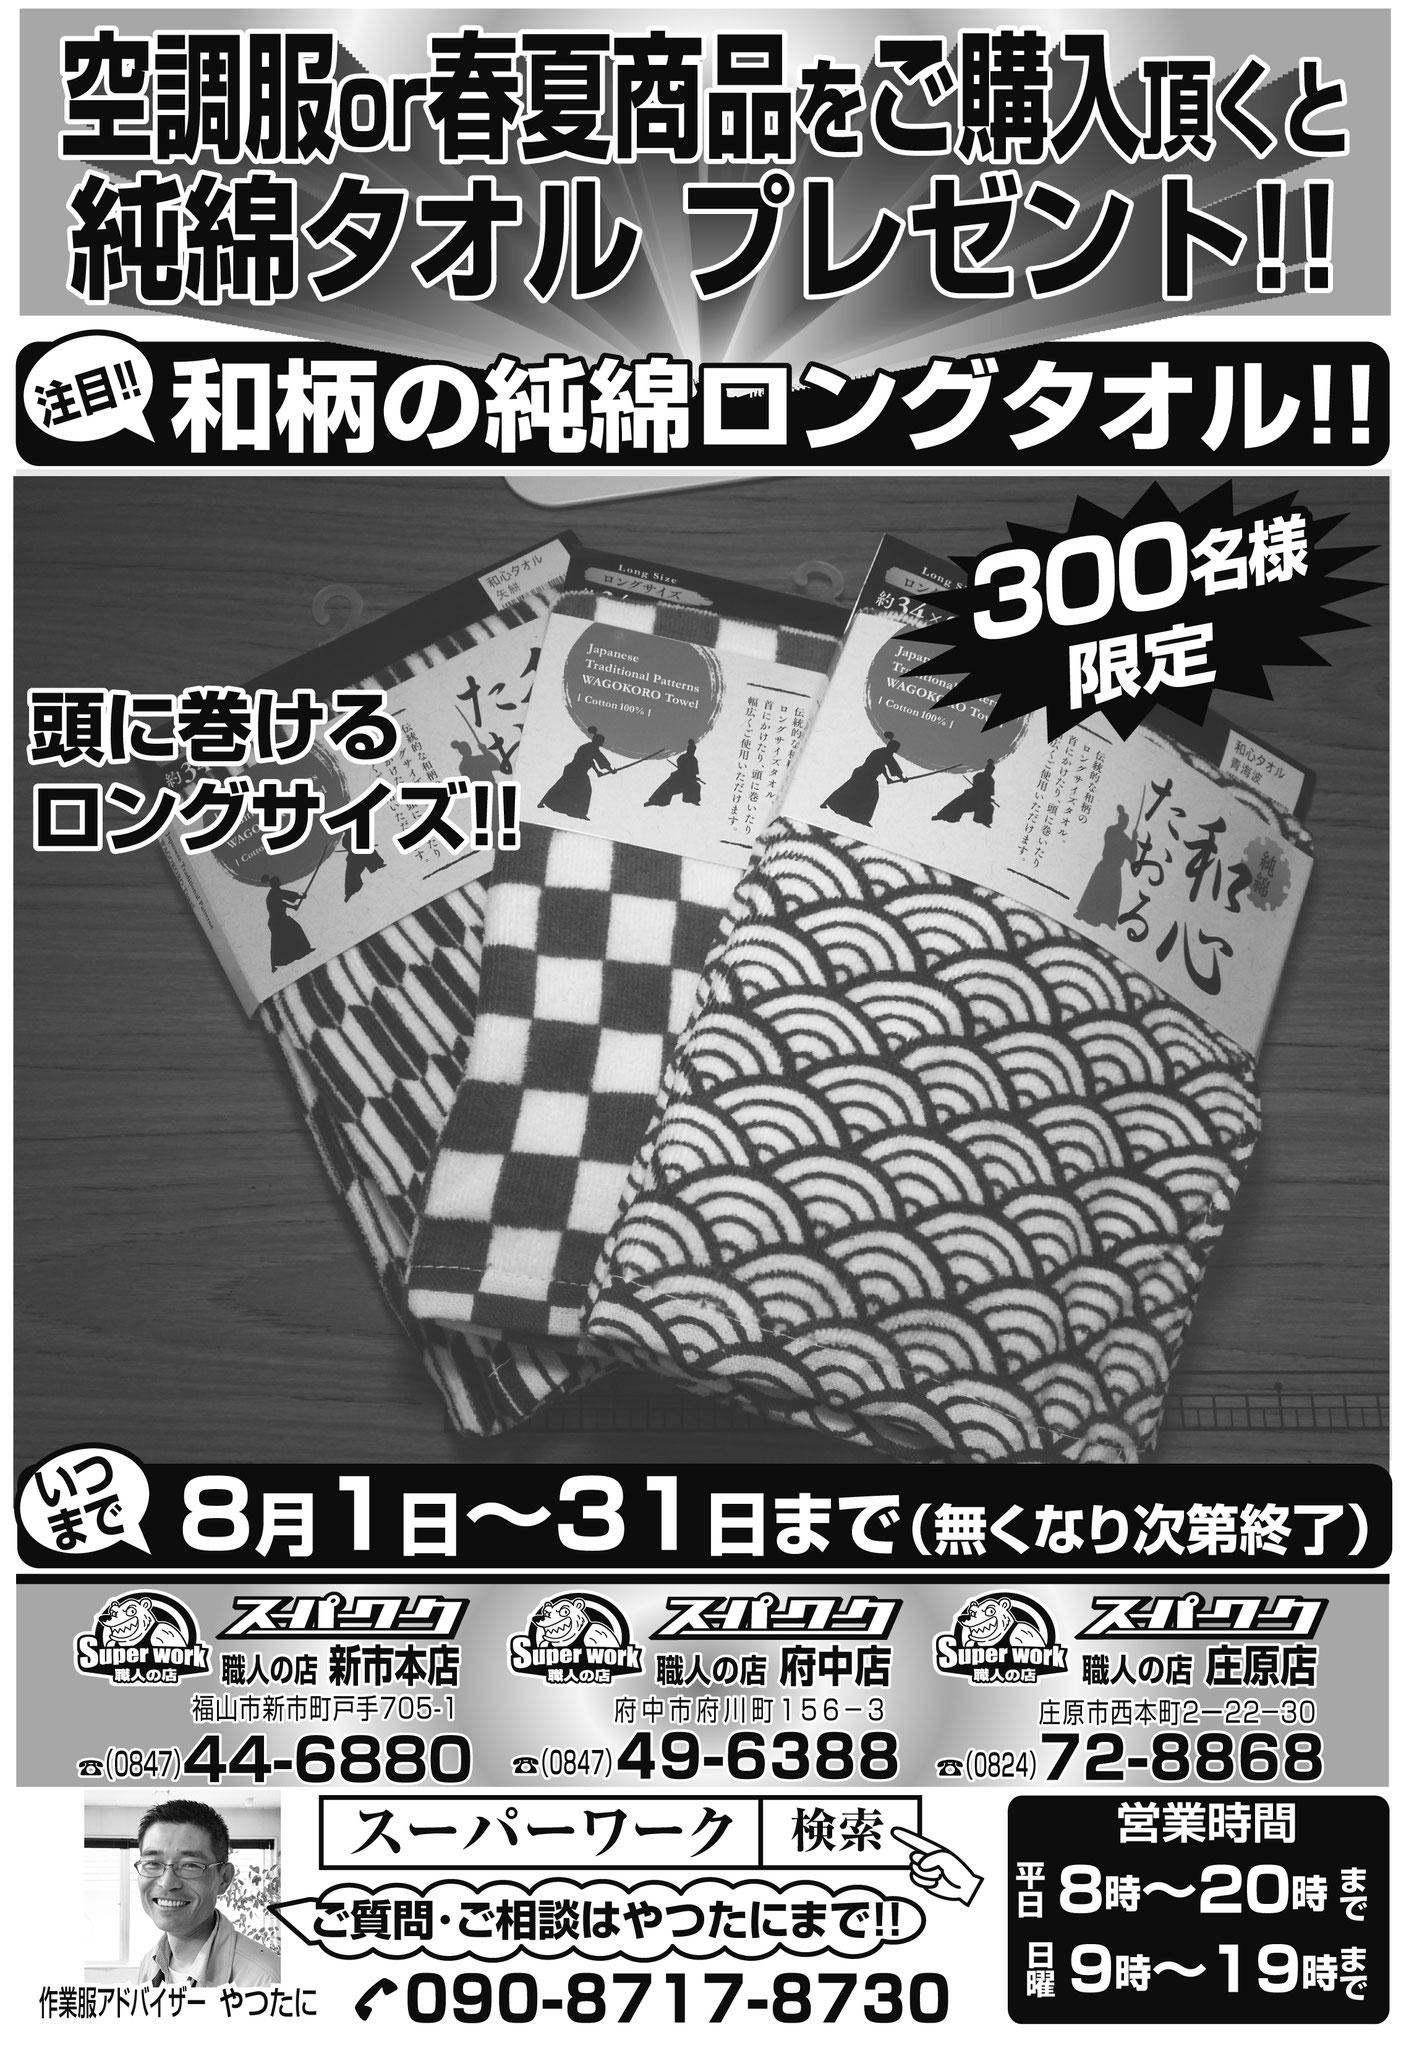 空調服・春夏商品をご購入頂くと、純綿和柄ロングタオルをプレゼント!!